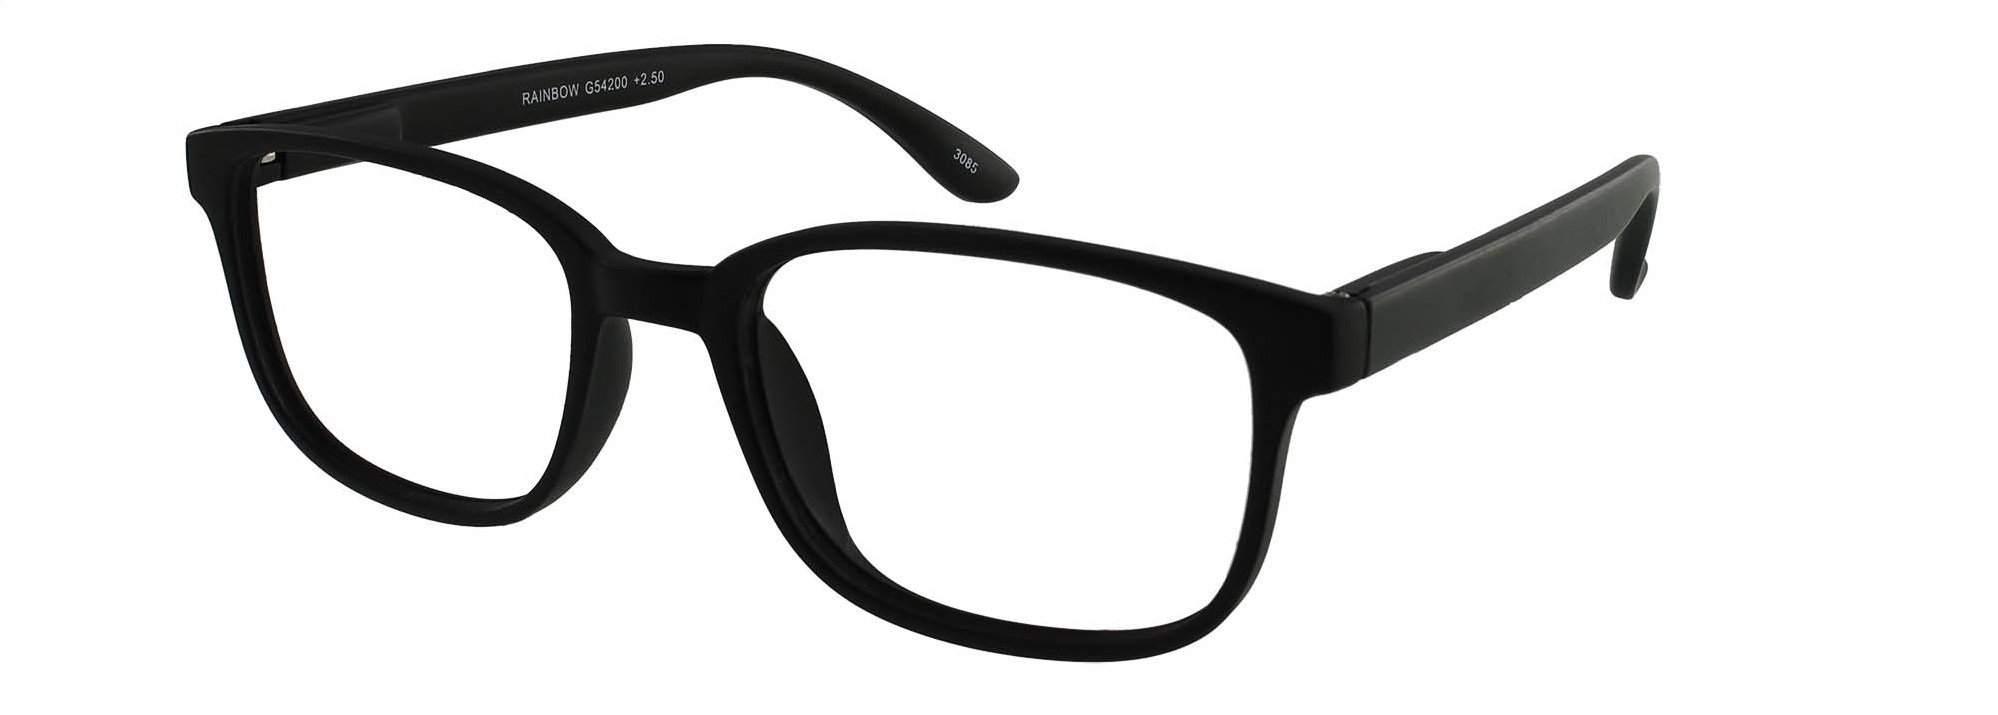 ,Leesbril +1.00 regenboog zwart